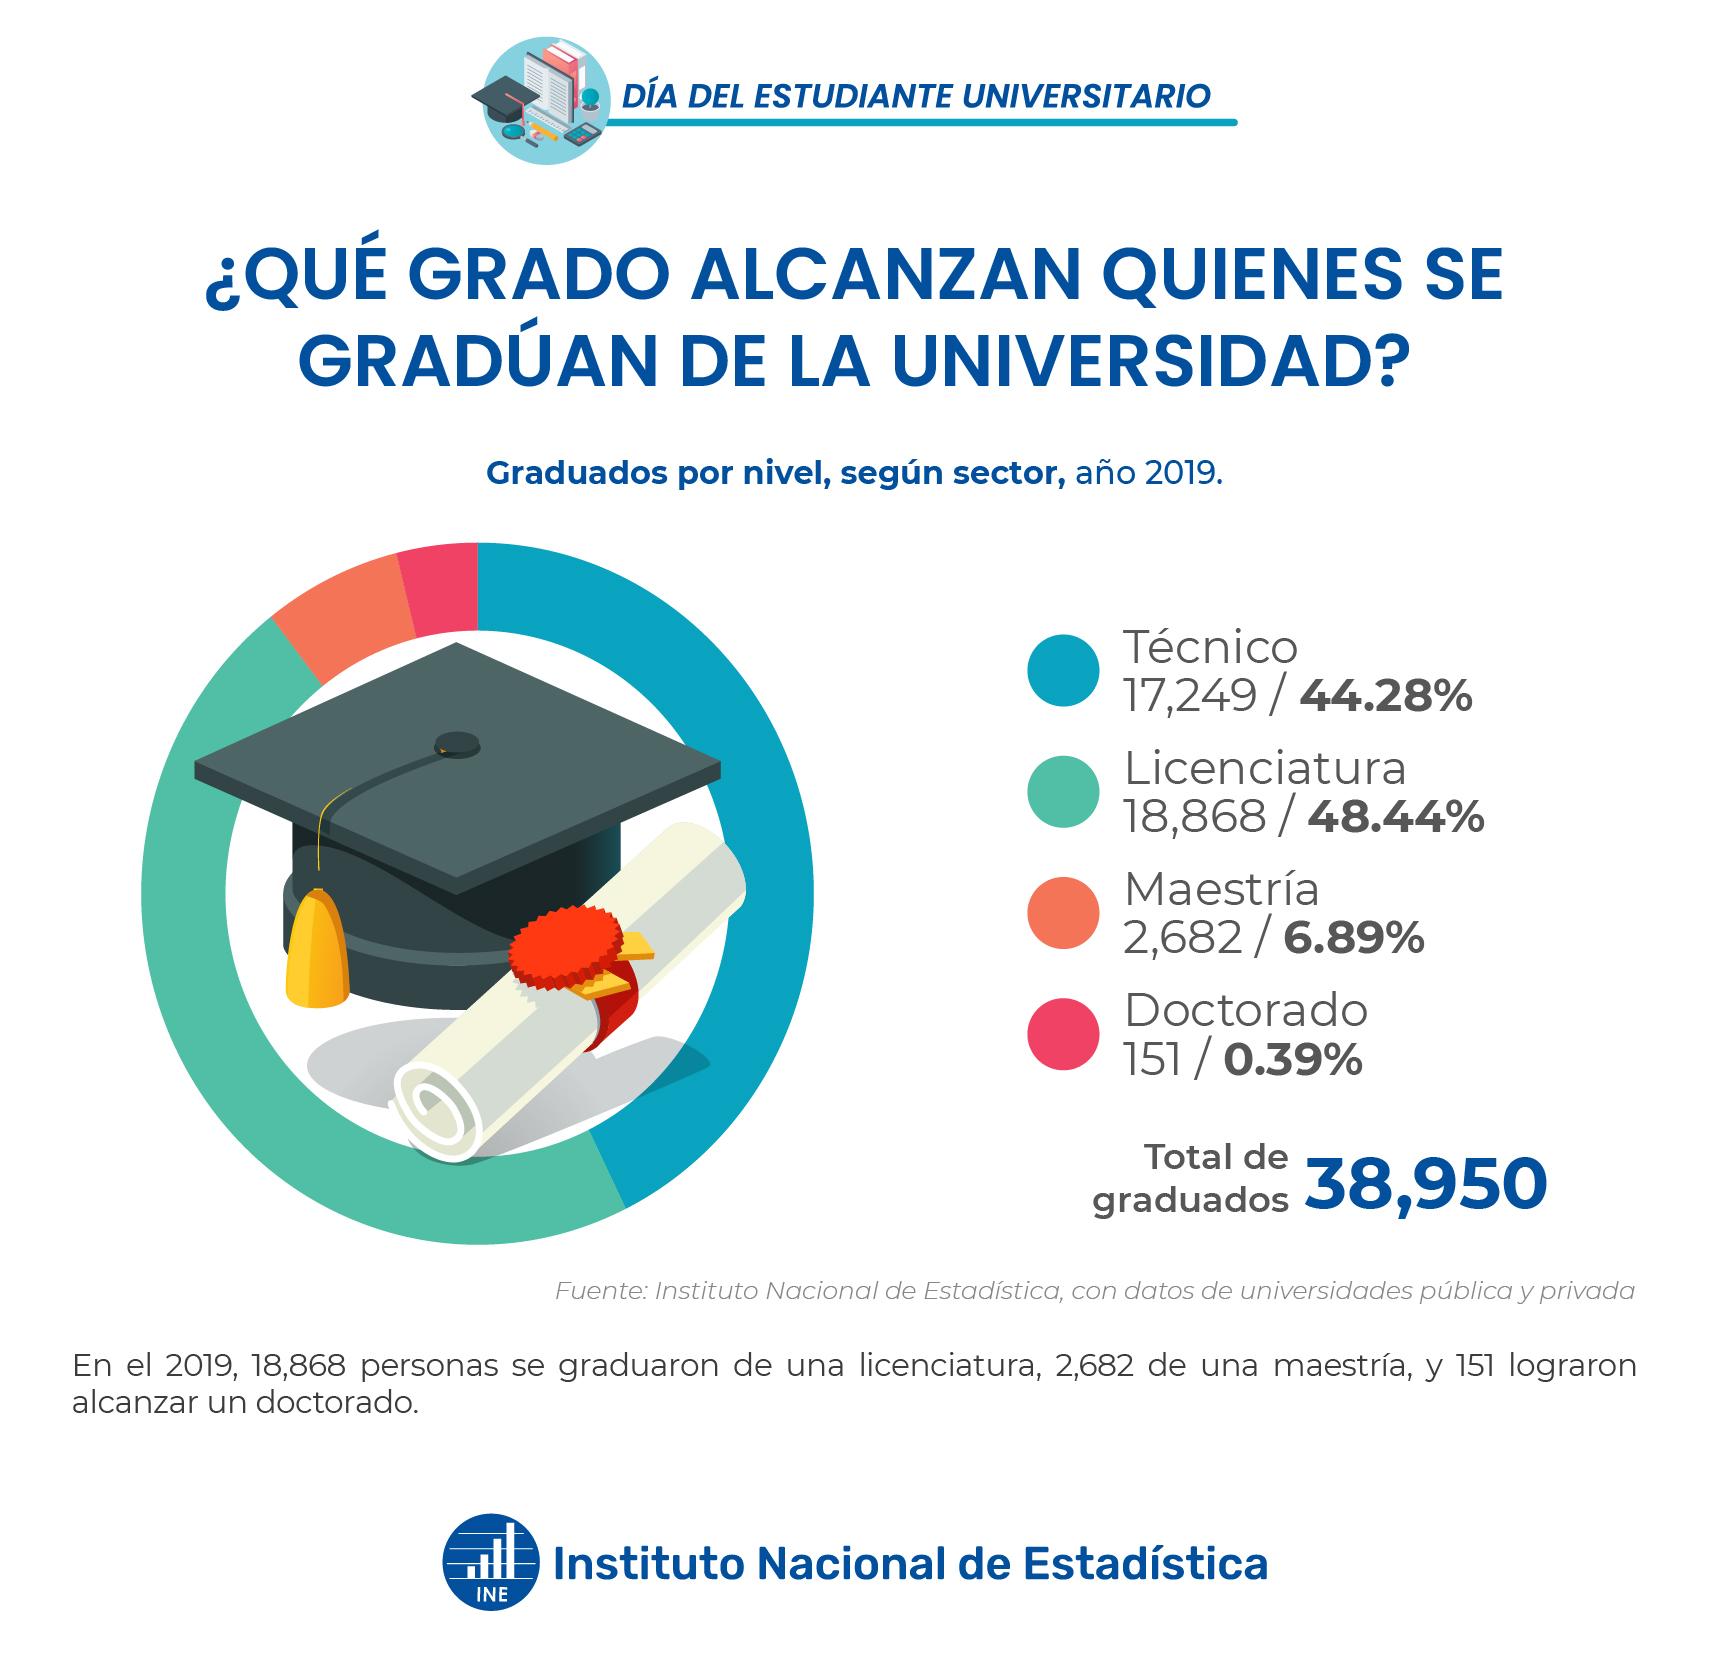 Graduados por nivel, según sector, año 2019